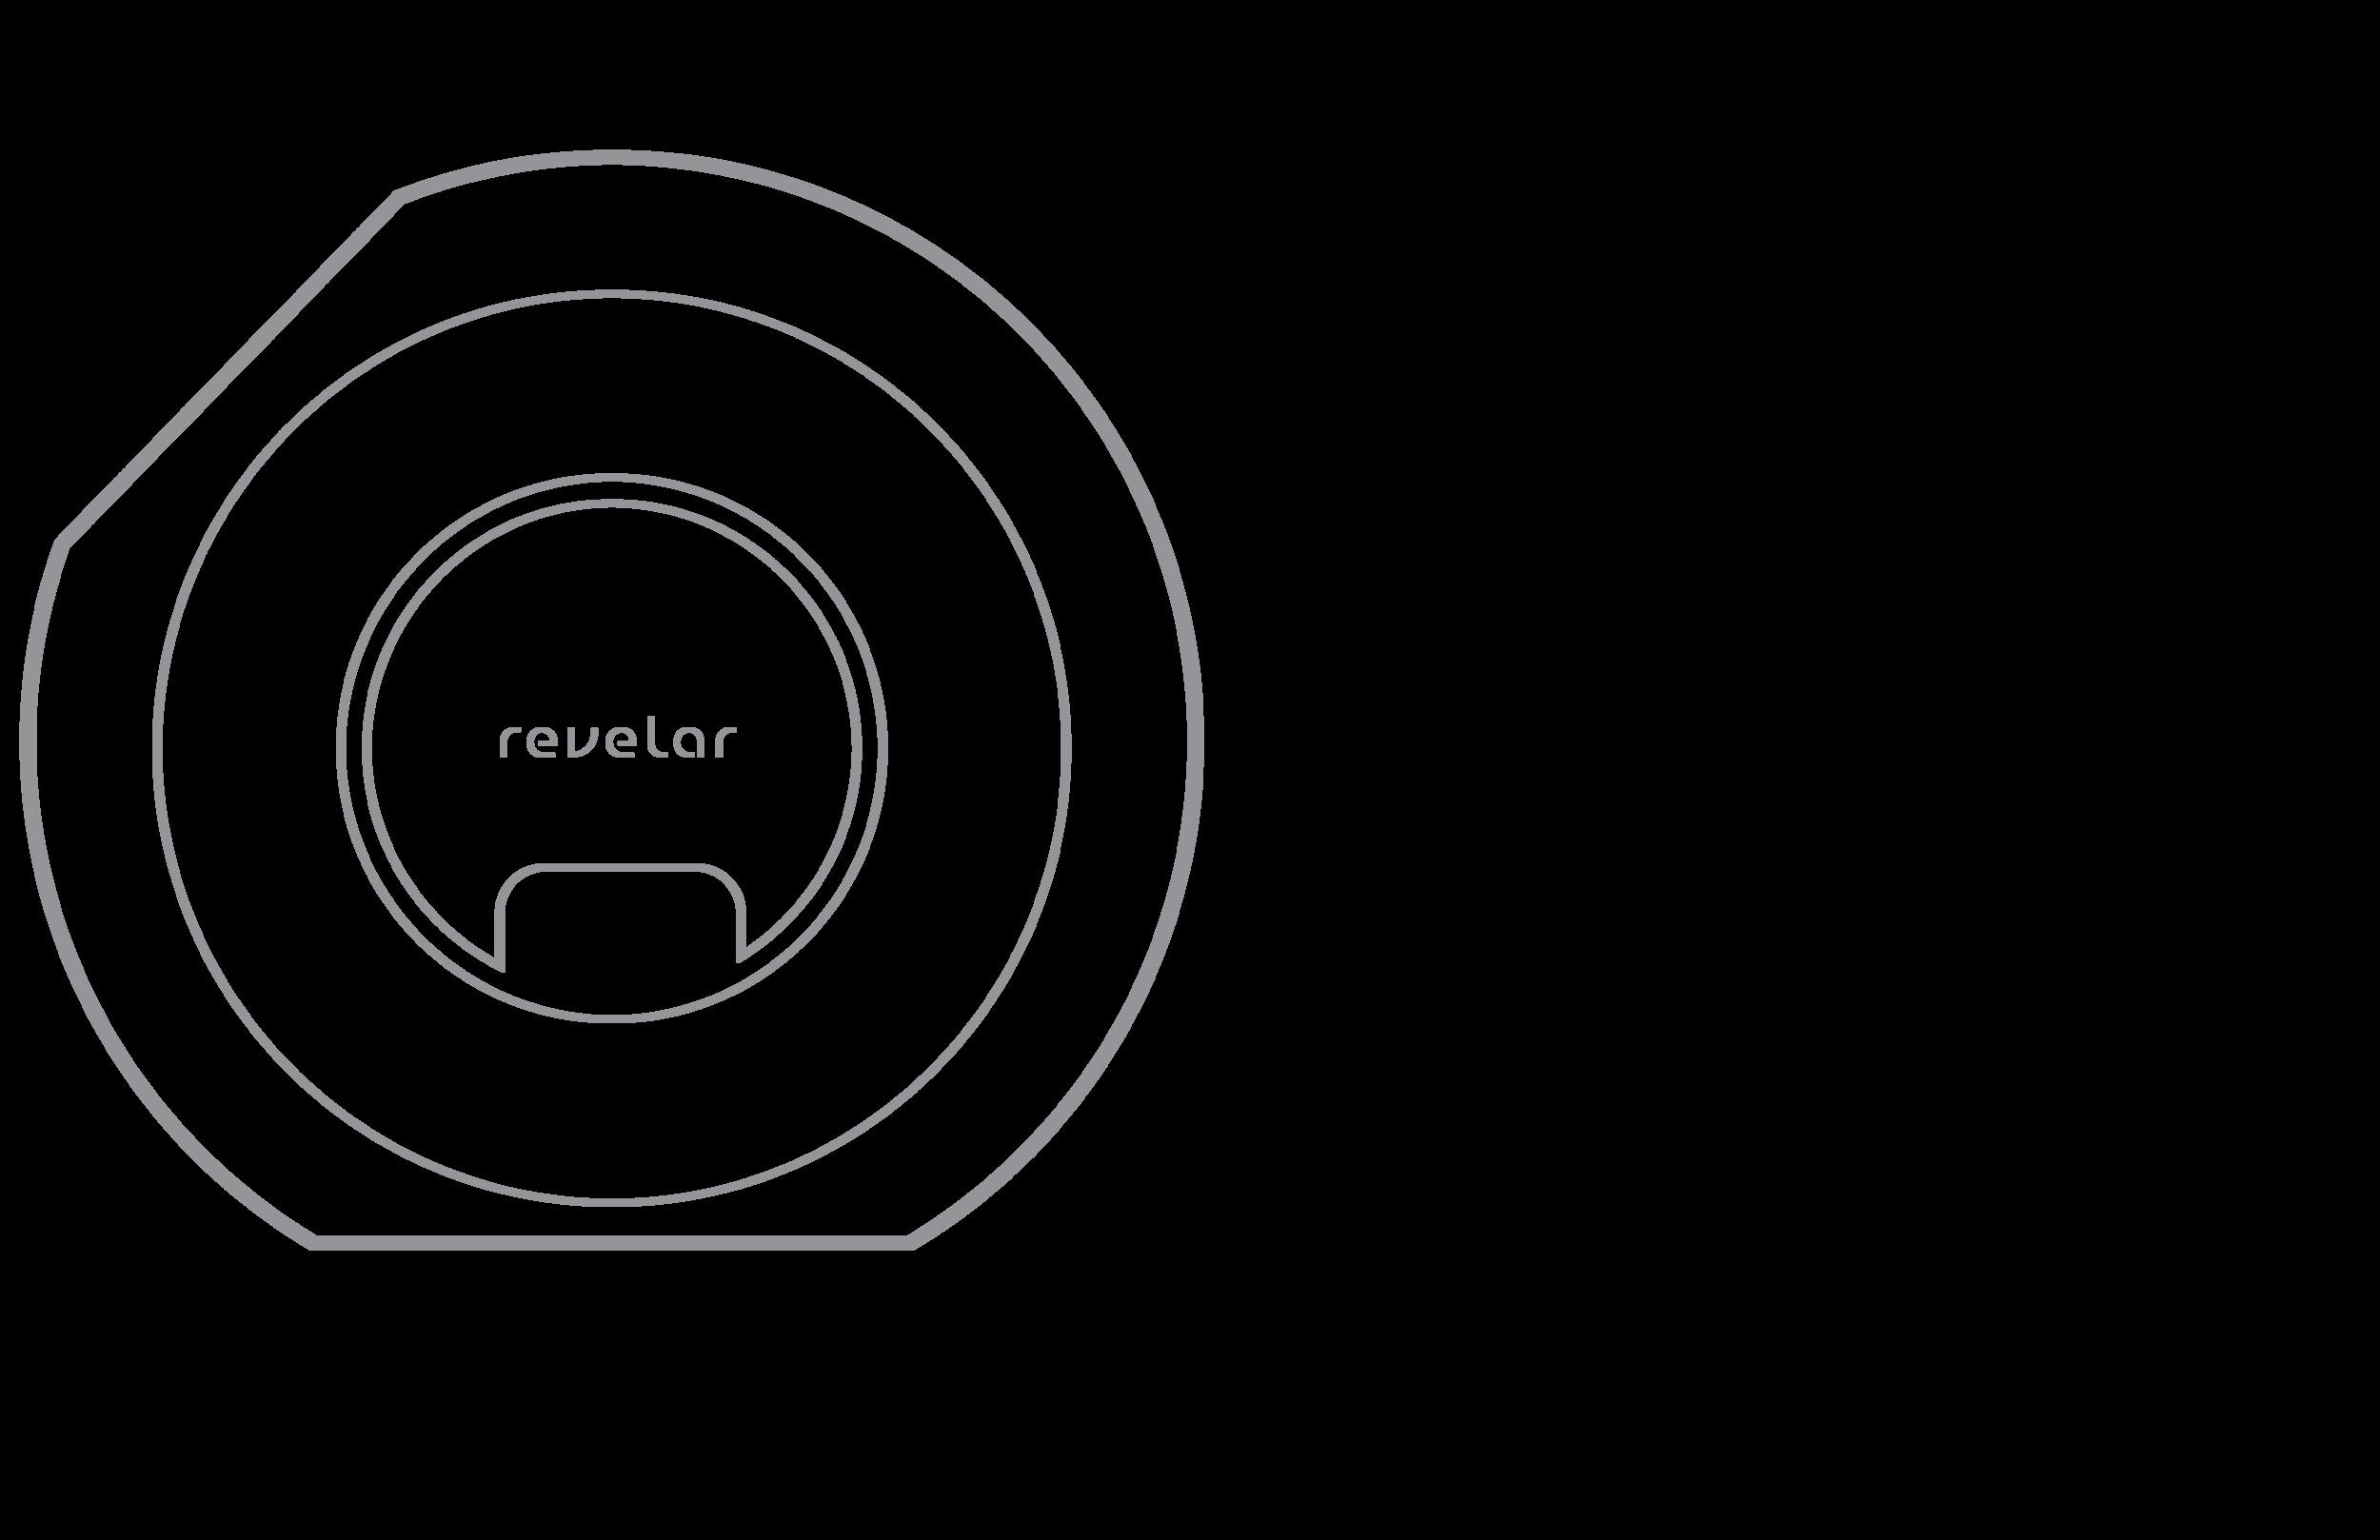 Revelar.png